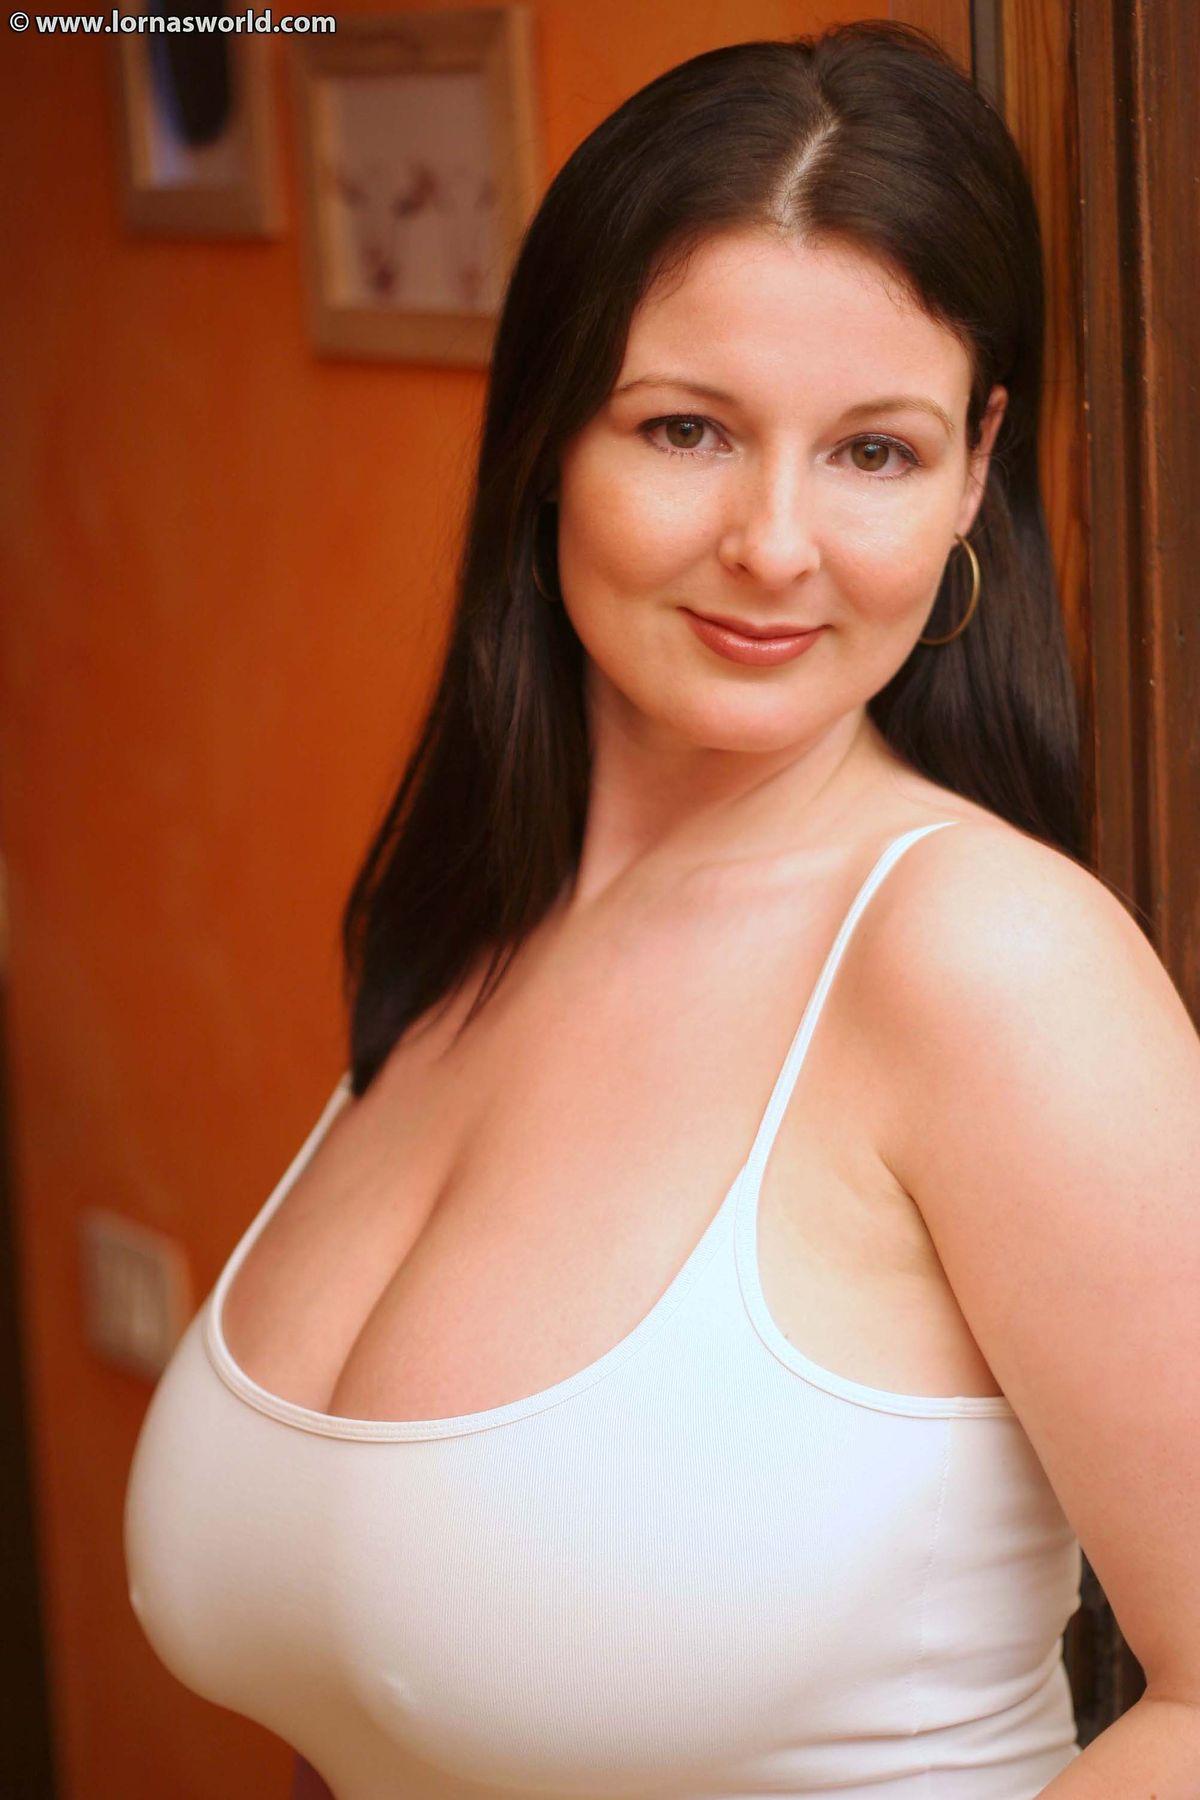 Pregnant boobs sex